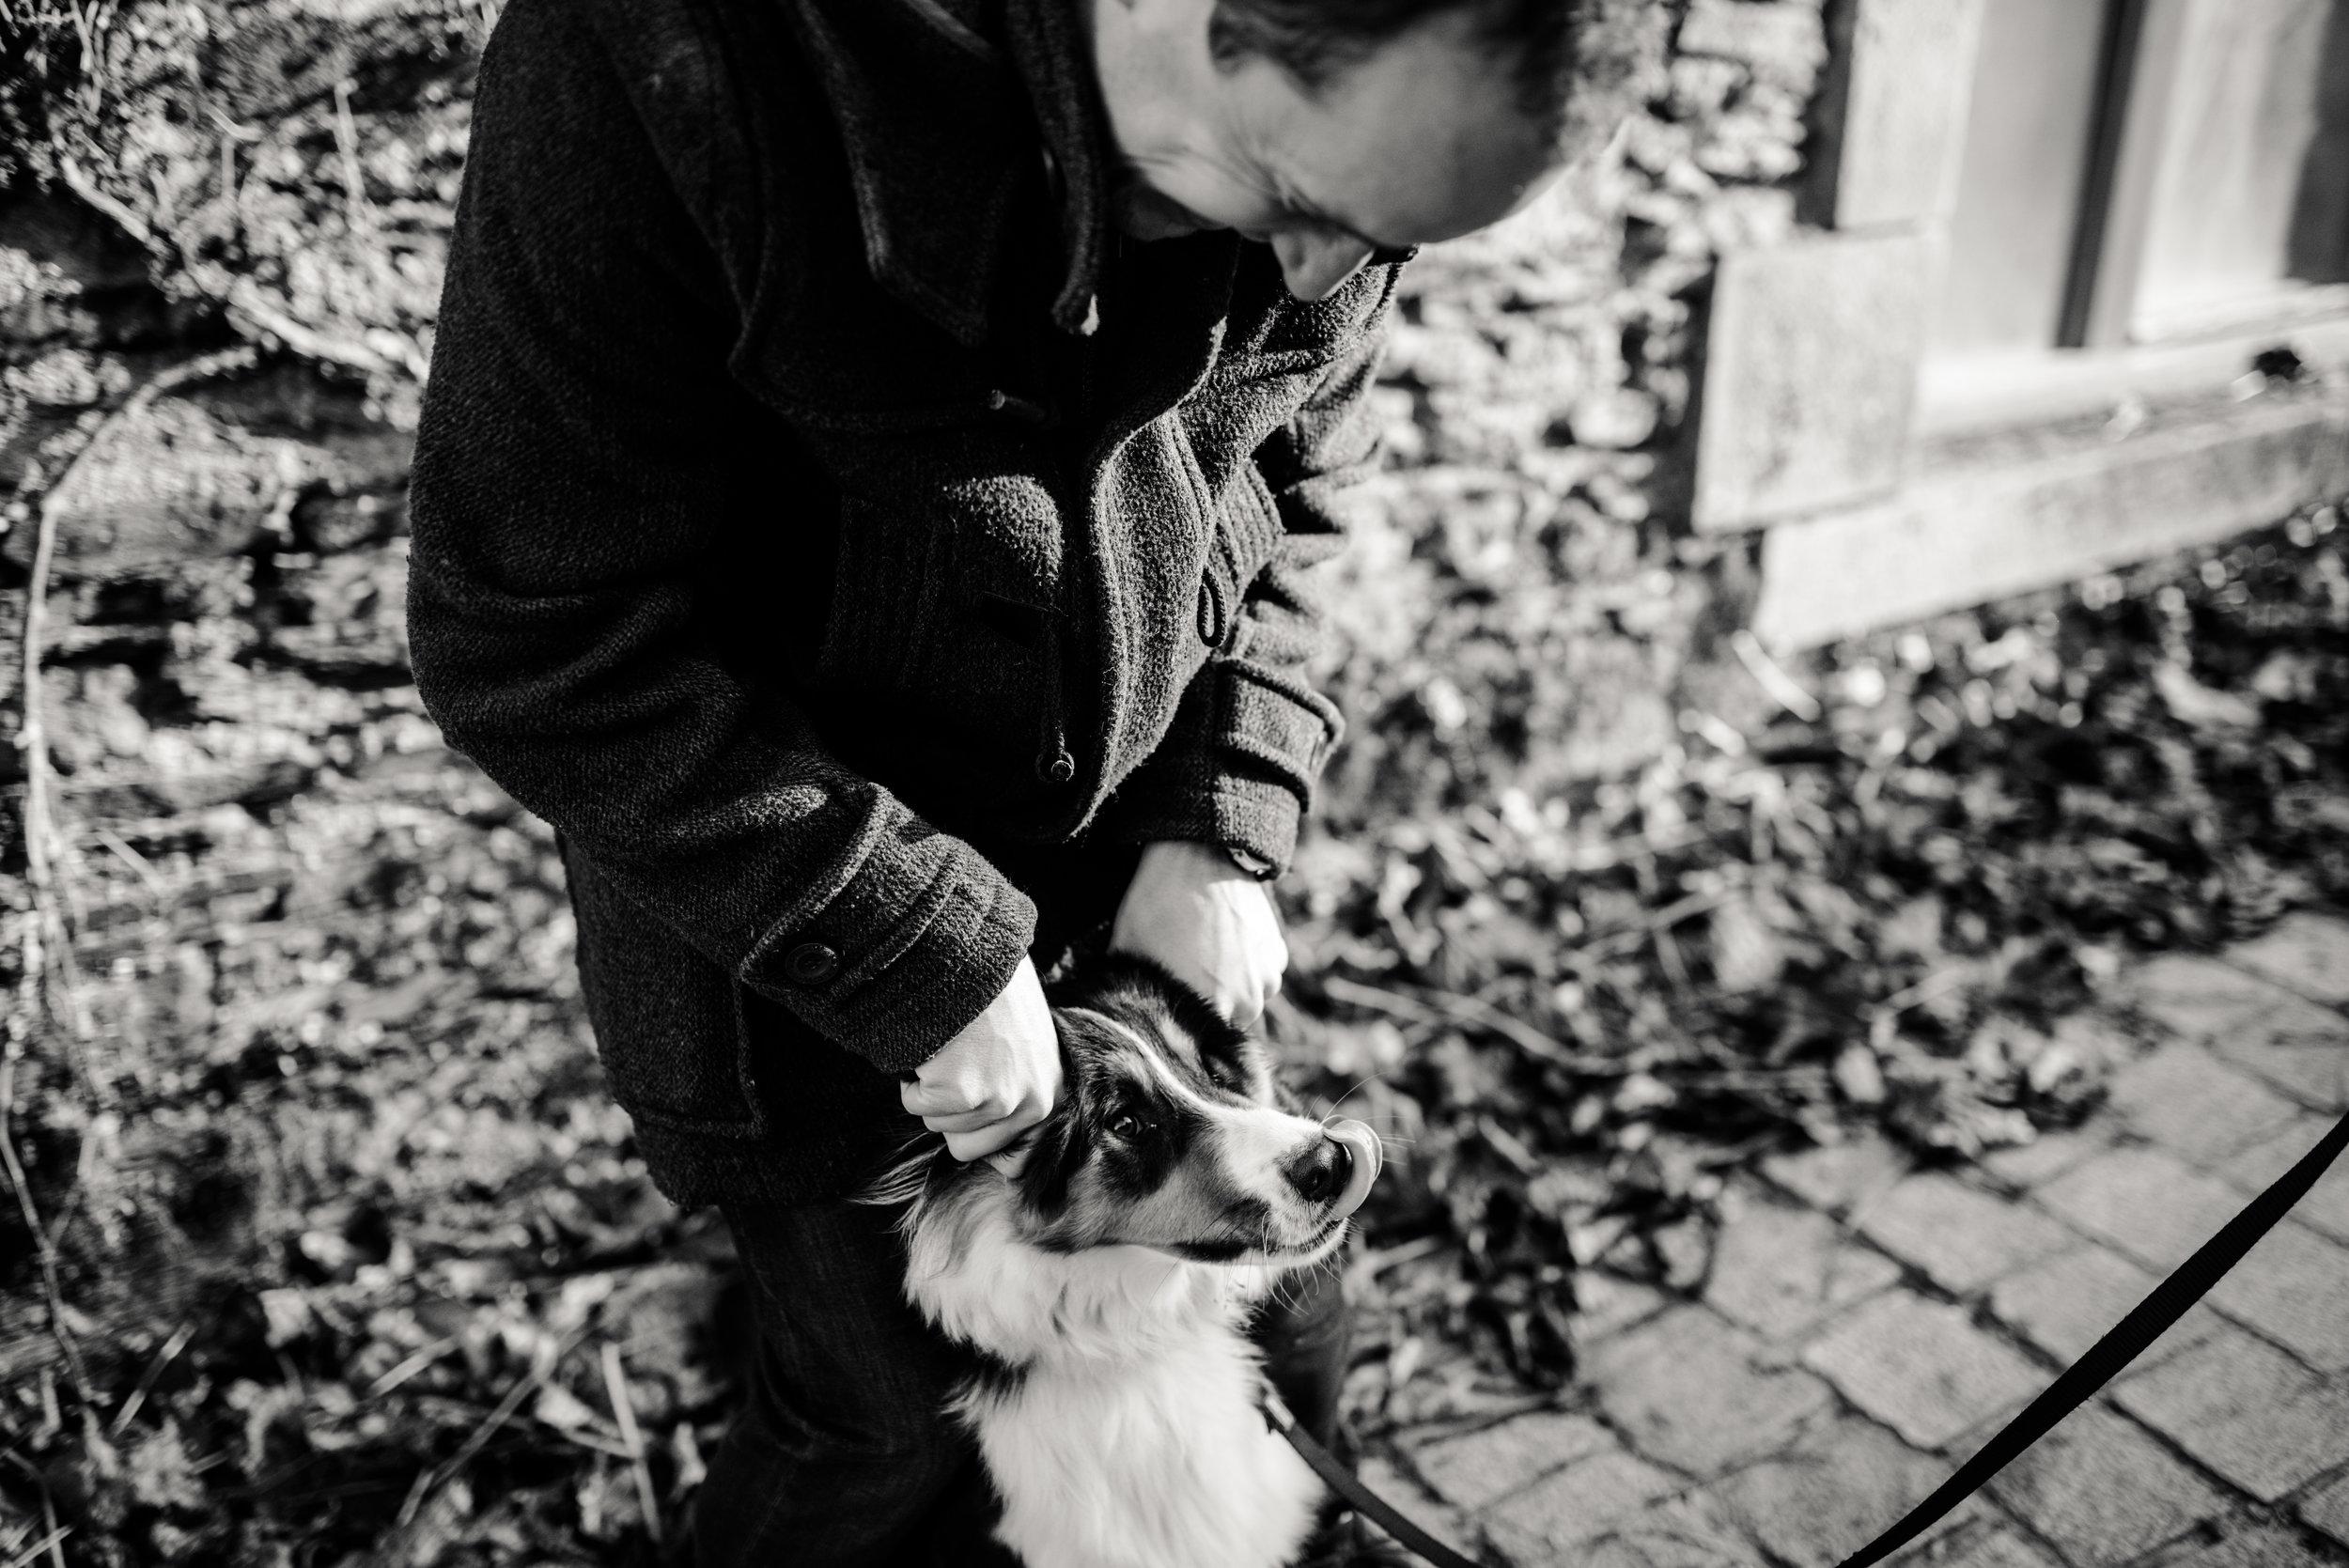 Léa-Fery-photographe-professionnel-lyon-rhone-alpes-portrait-creation-mariage-evenement-evenementiel-famille-4616.jpg